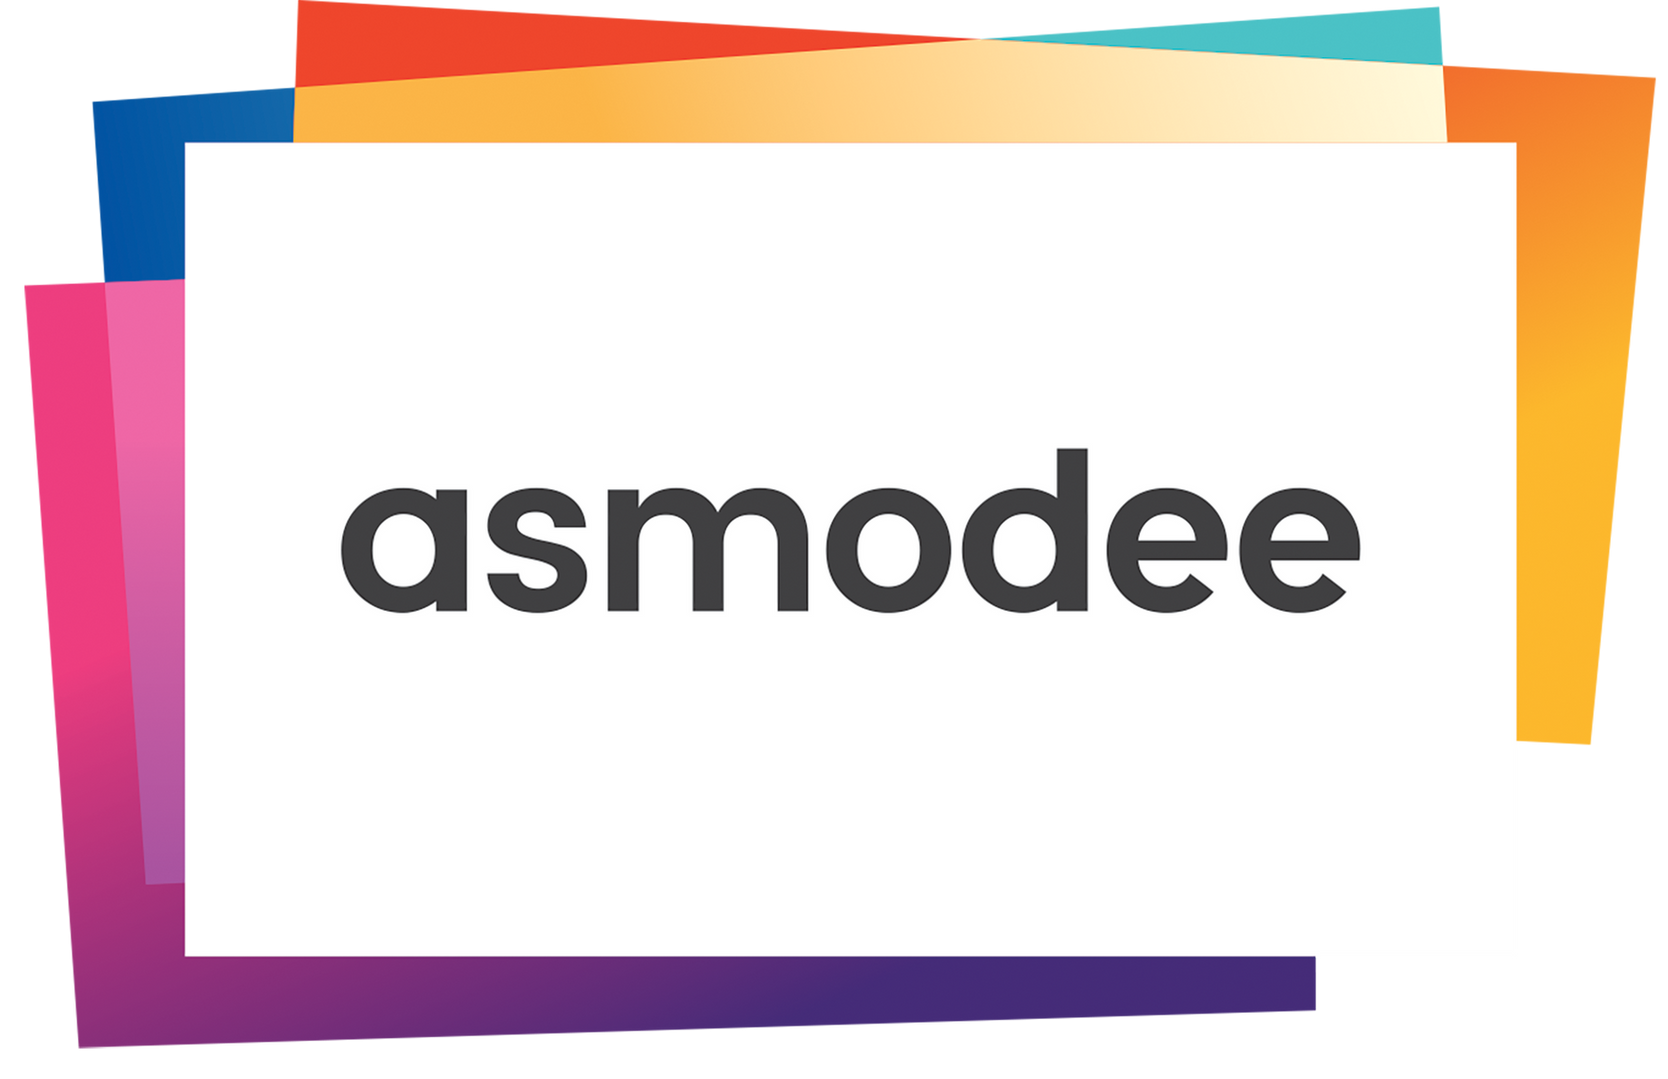 asmodee logo.png